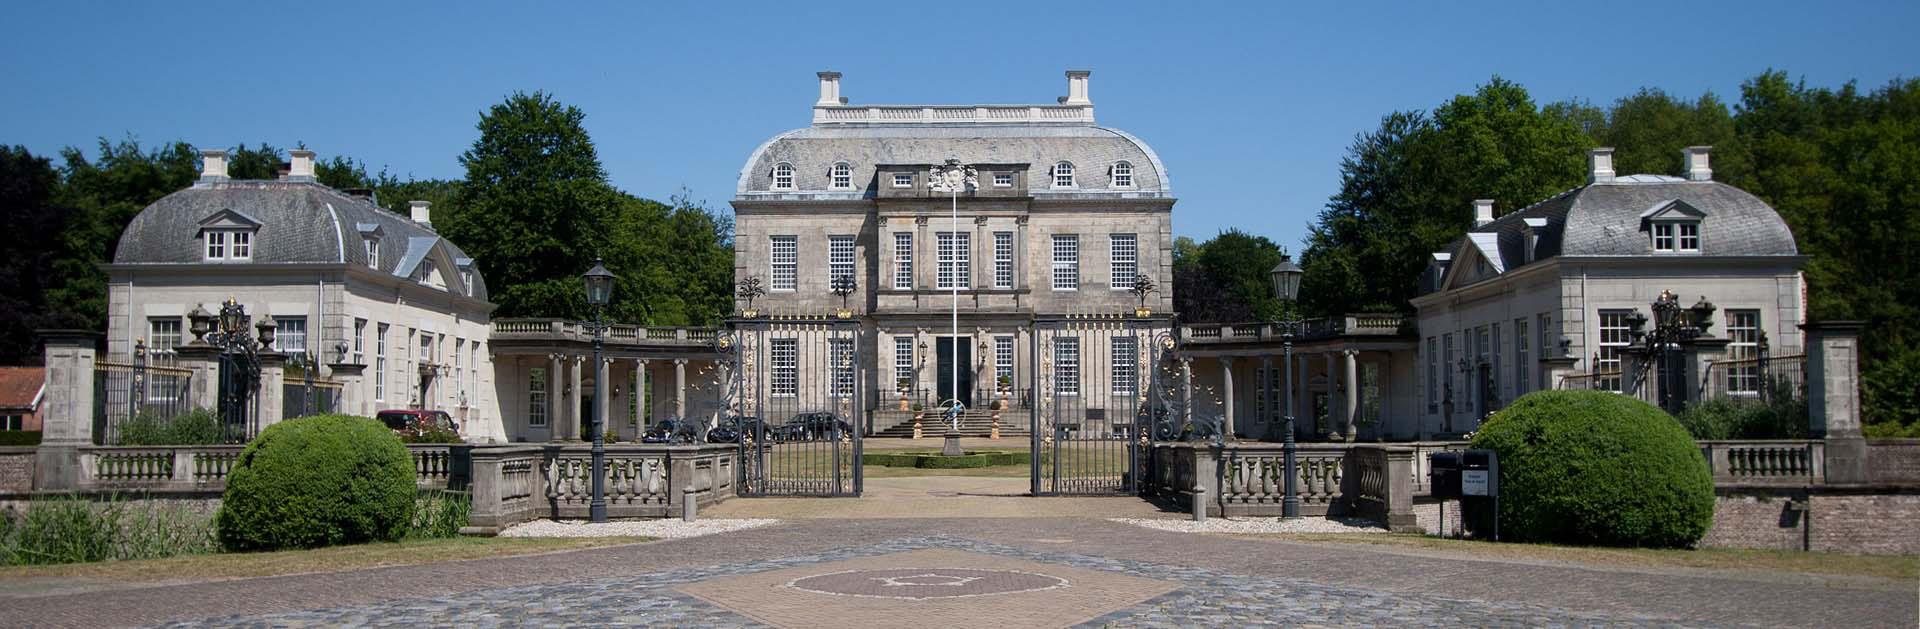 Huis de Voorst - Eefde